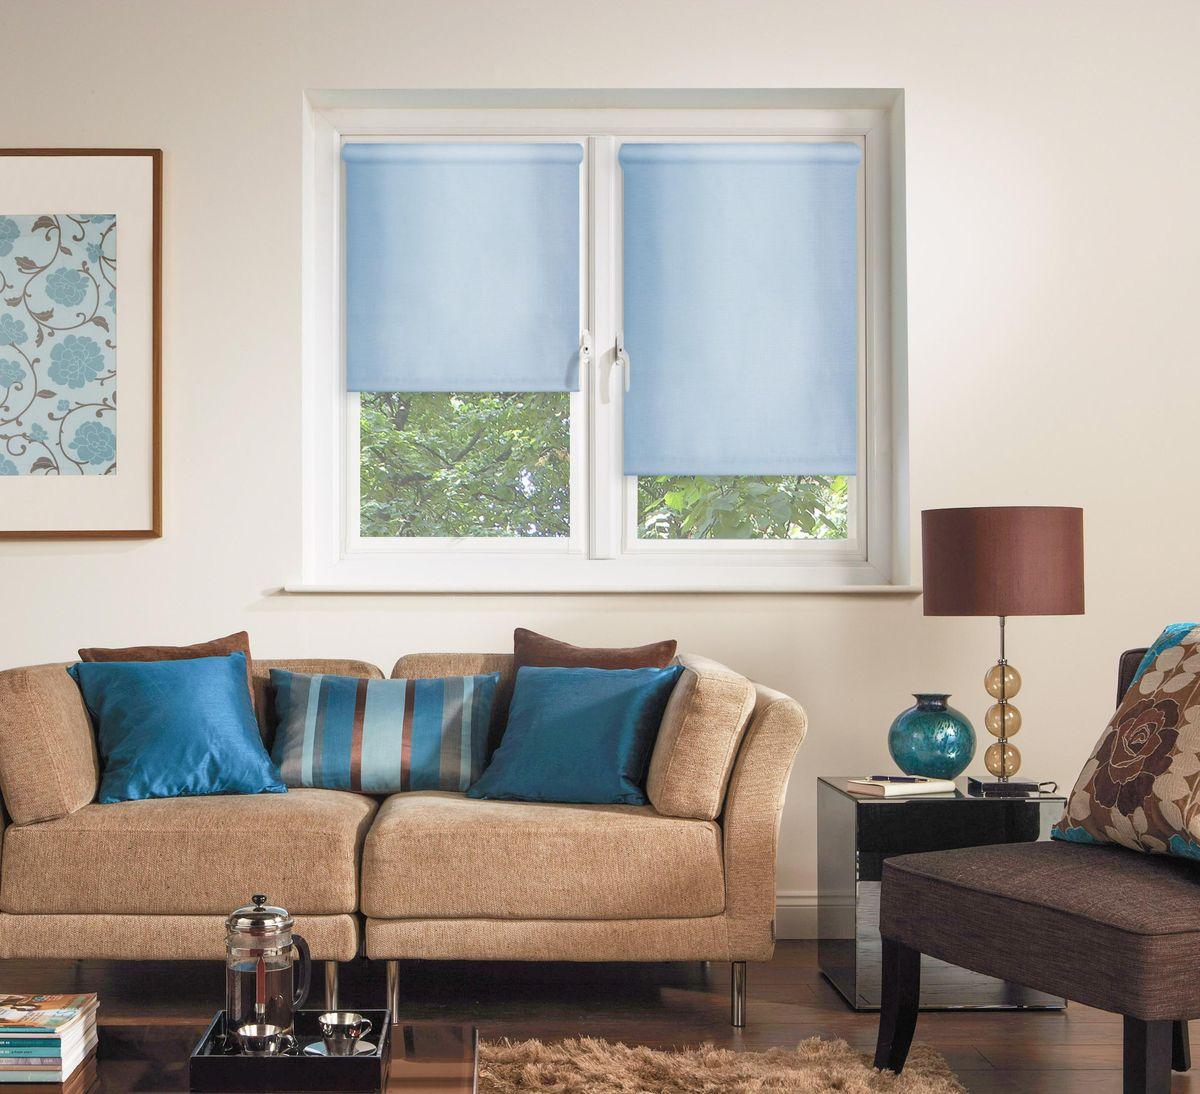 Штора рулонная Эскар, цвет: голубой, ширина 60 см, высота 170 см81005060170Рулонными шторами можно оформлять окна как самостоятельно, так и использовать в комбинации с портьерами. Это поможет предотвратить выгорание дорогой ткани на солнце и соединит функционал рулонных с красотой навесных.Преимущества применения рулонных штор для пластиковых окон:- имеют прекрасный внешний вид: многообразие и фактурность материала изделия отлично смотрятся в любом интерьере; - многофункциональны: есть возможность подобрать шторы способные эффективно защитить комнату от солнца, при этом о на не будет слишком темной. - Есть возможность осуществить быстрый монтаж. ВНИМАНИЕ! Размеры ширины изделия указаны по ширине ткани!Во время эксплуатации не рекомендуется полностью разматывать рулон, чтобы не оторвать ткань от намоточного вала.В случае загрязнения поверхности ткани, чистку шторы проводят одним из способов, в зависимости от типа загрязнения: легкое поверхностное загрязнение можно удалить при помощи канцелярского ластика; чистка от пыли производится сухим методом при помощи пылесоса с мягкой щеткой-насадкой; для удаления пятна используйте мягкую губку с пенообразующим неагрессивным моющим средством или пятновыводитель на натуральной основе (нельзя применять растворители).